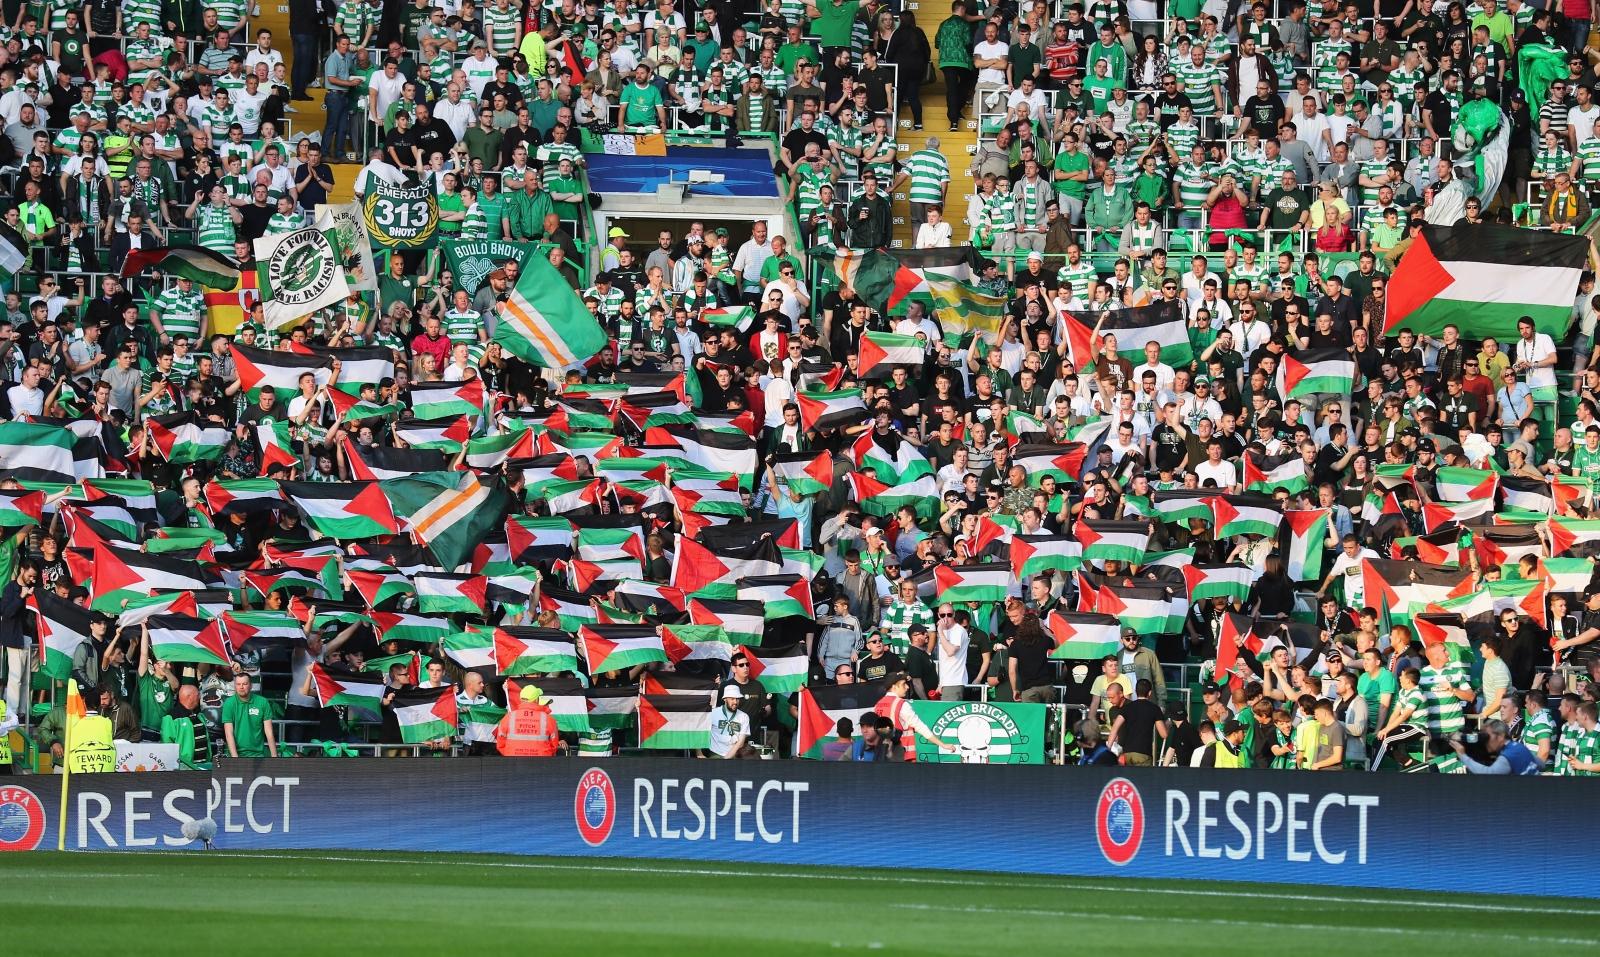 Celtic fans face fine after Palestine flags